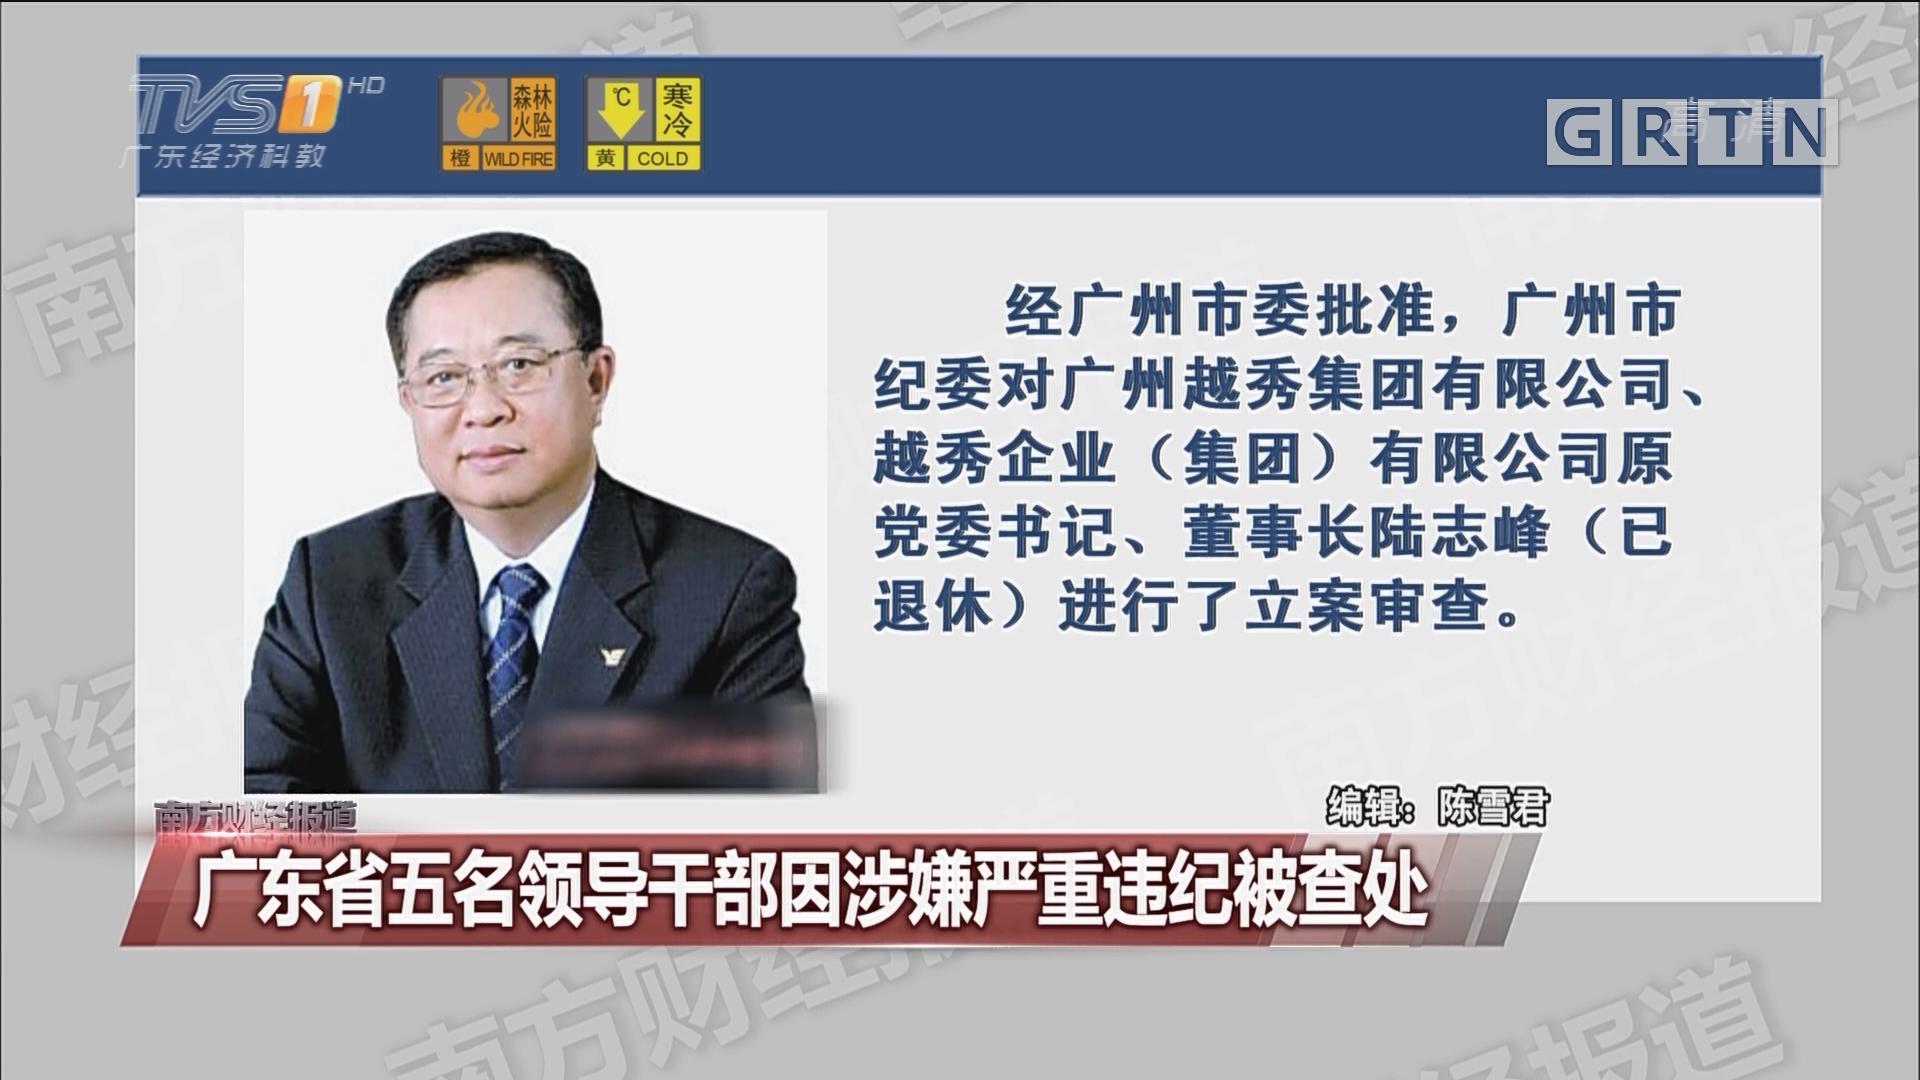 广东省五名领导干部因涉嫌严重违纪被查处